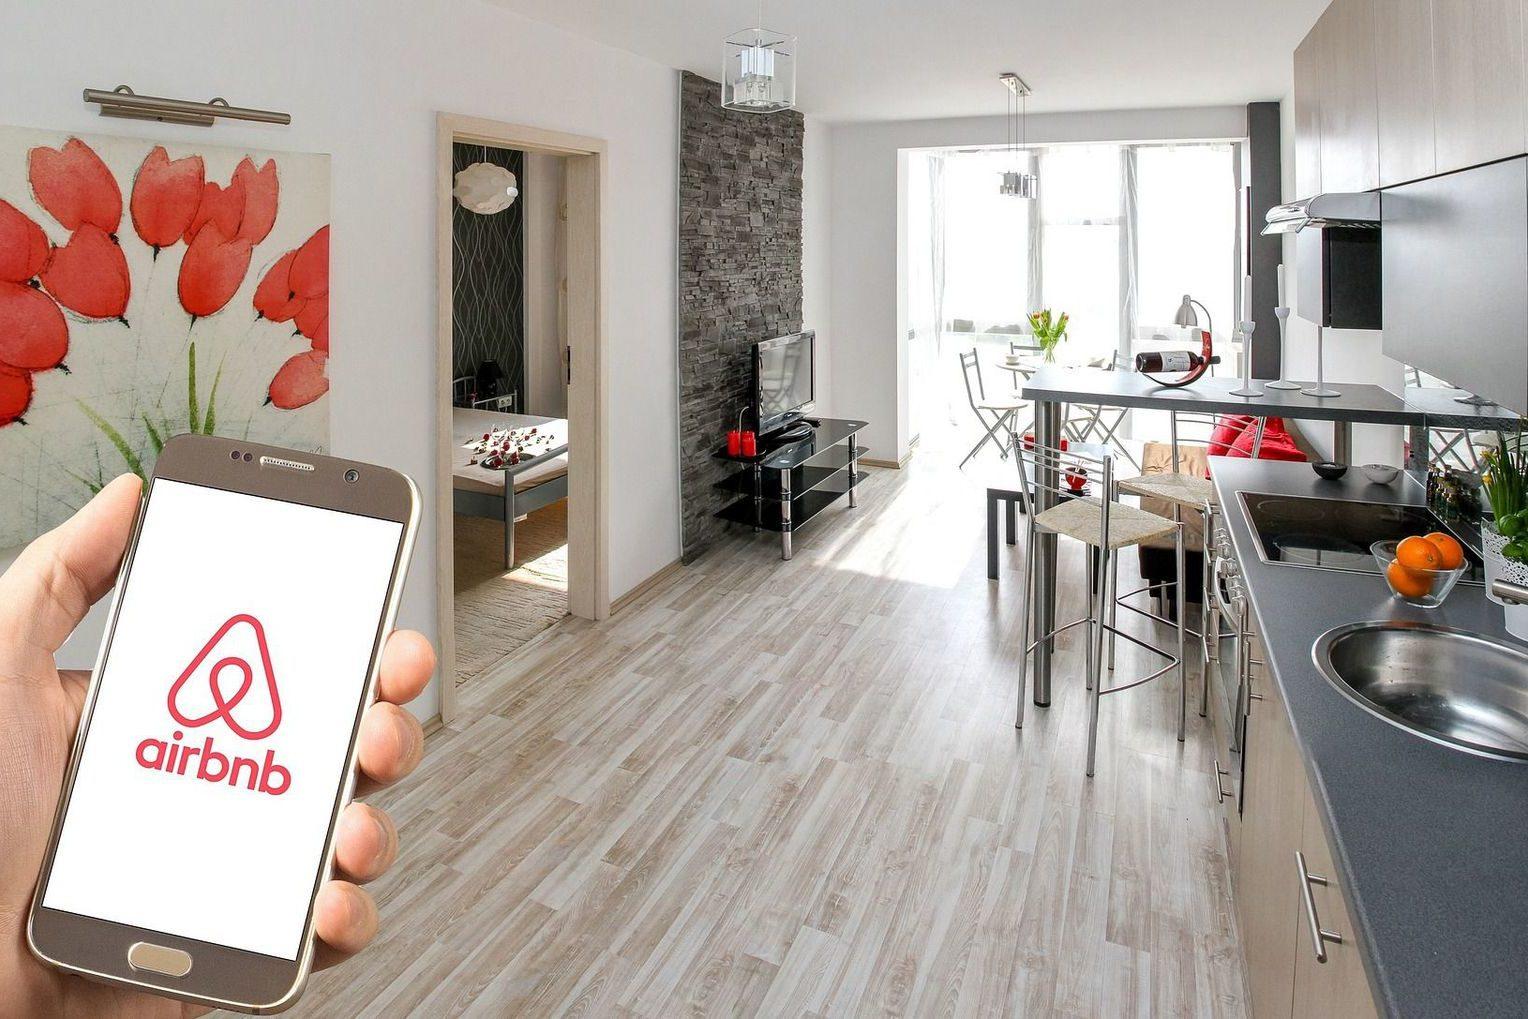 Alquilan por Airbnb y hallan cámara ¡que transmitía en vivo!